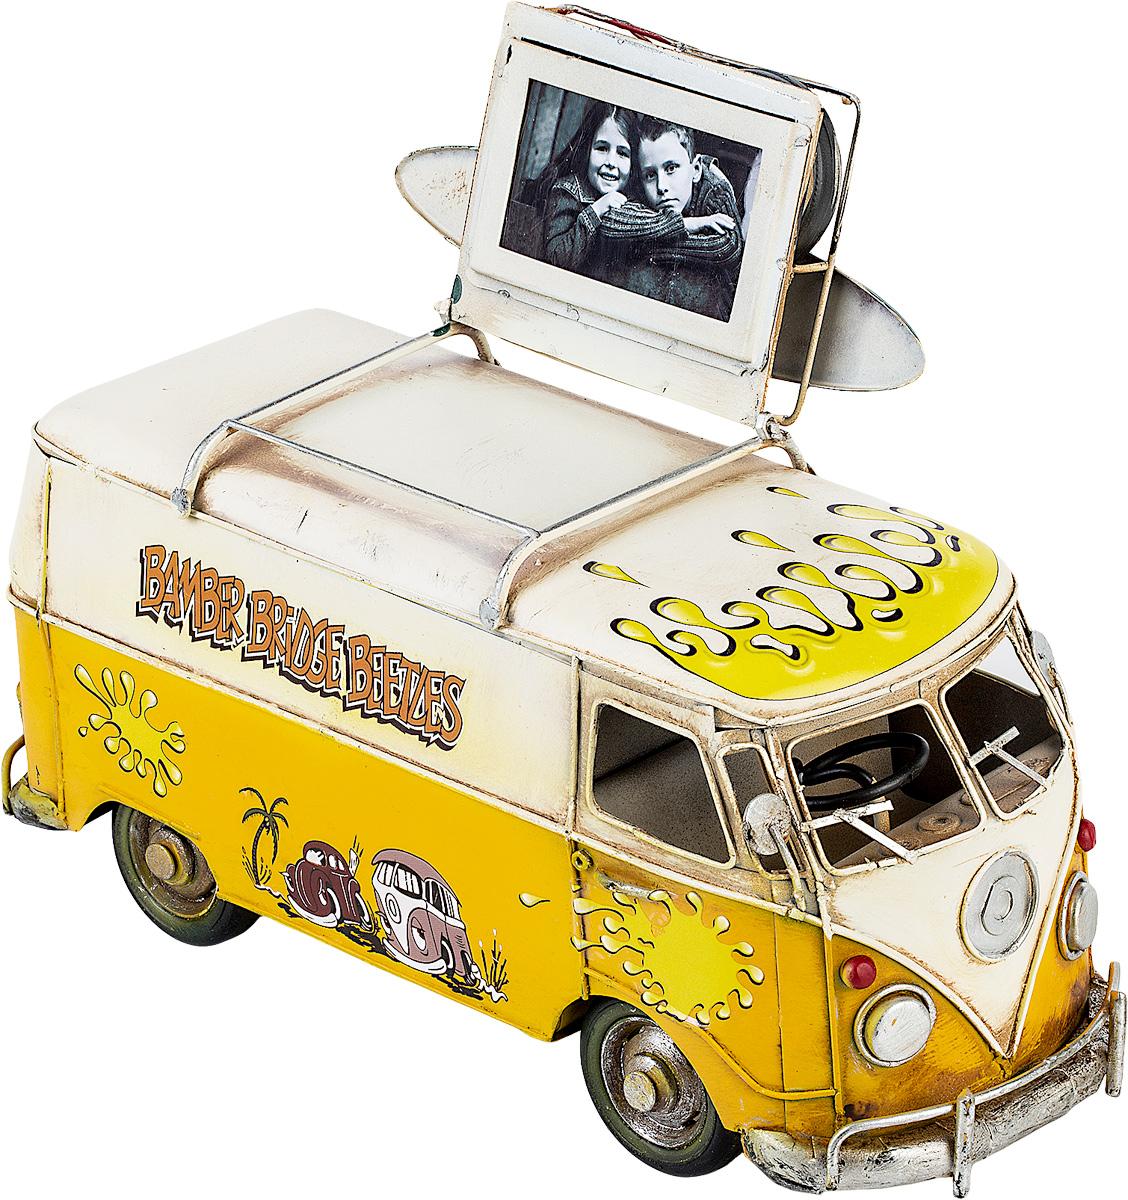 Модель Platinum Автобус, с фоторамкой. 1404E-43321404E-4332Модель Platinum Автобус, выполненная из металла, станет оригинальным украшением вашего интерьера. Вы можете поставить модель автобуса в любом месте, где она будет удачно смотреться. Изделие дополнено фоторамкой, куда вы можете вставить вашу любимую фотографию. Качество исполнения, точные детали и оригинальный дизайн выделяют эту модель среди ряда подобных. Модель займет достойное место в вашей коллекции, а также приятно удивит получателя в качестве стильного сувенира. Размер фотографии: 4 х 7 см.